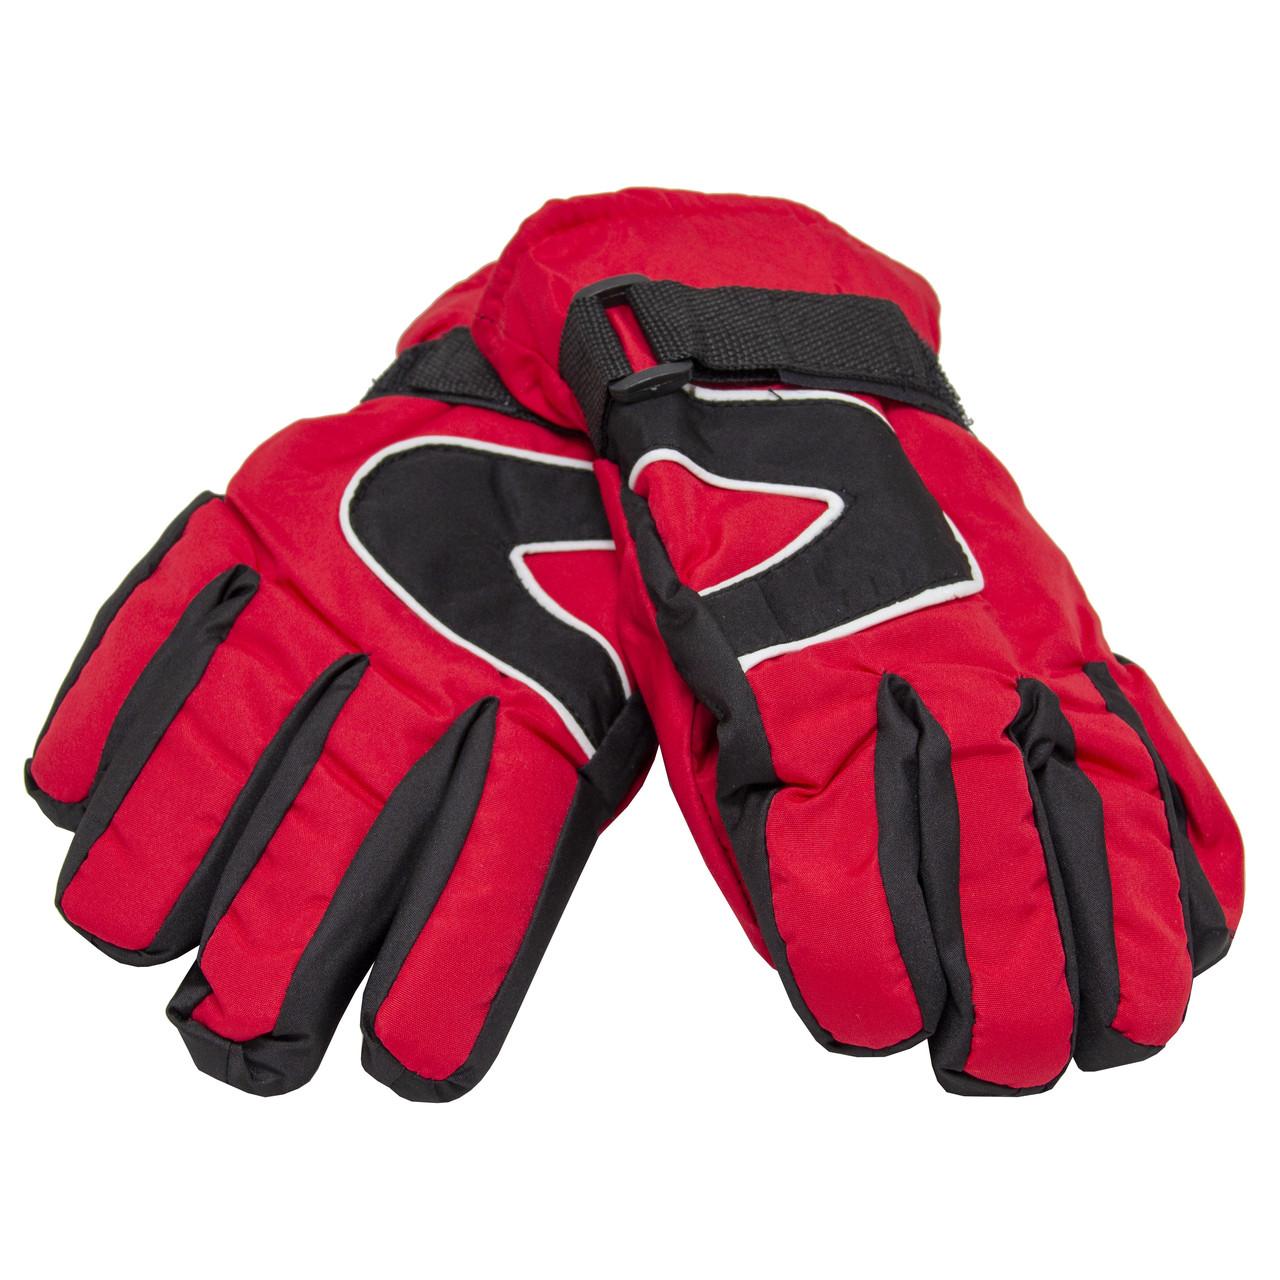 Детские перчатки, лыжные, красные 21см (517090)